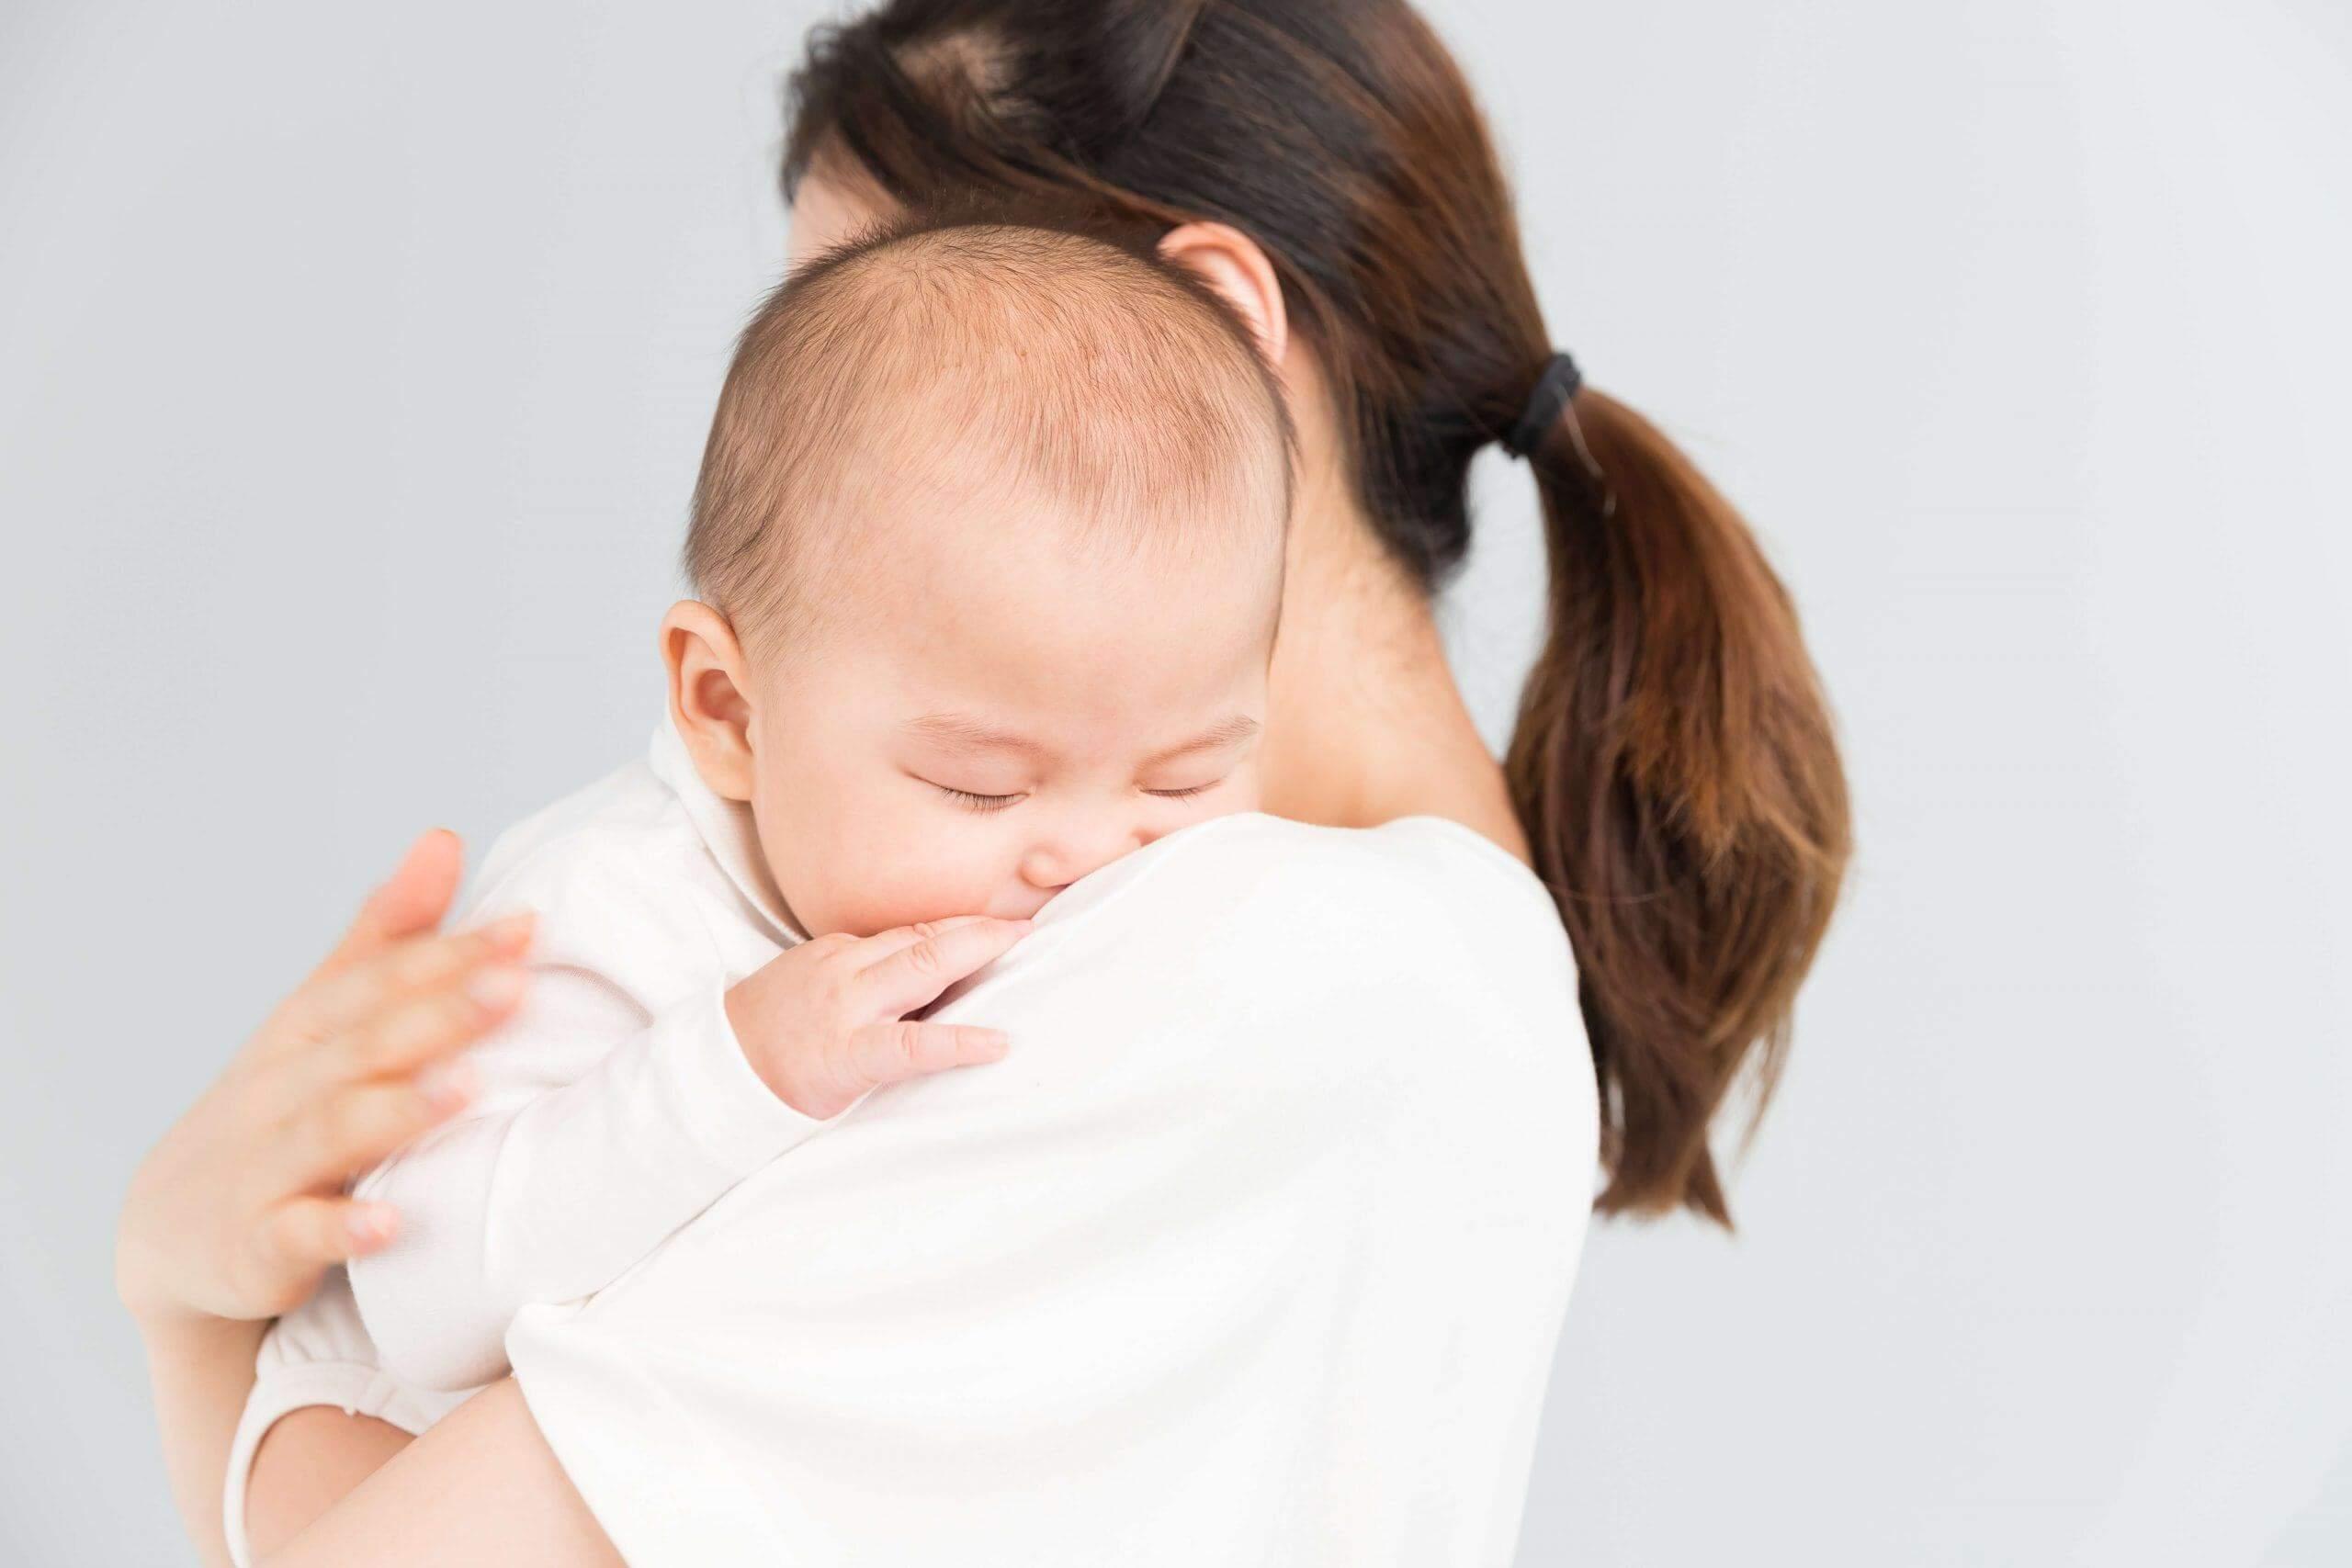 Baby Blues Và Hội Chứng Trầm Cảm Sau Sinh Là Một?